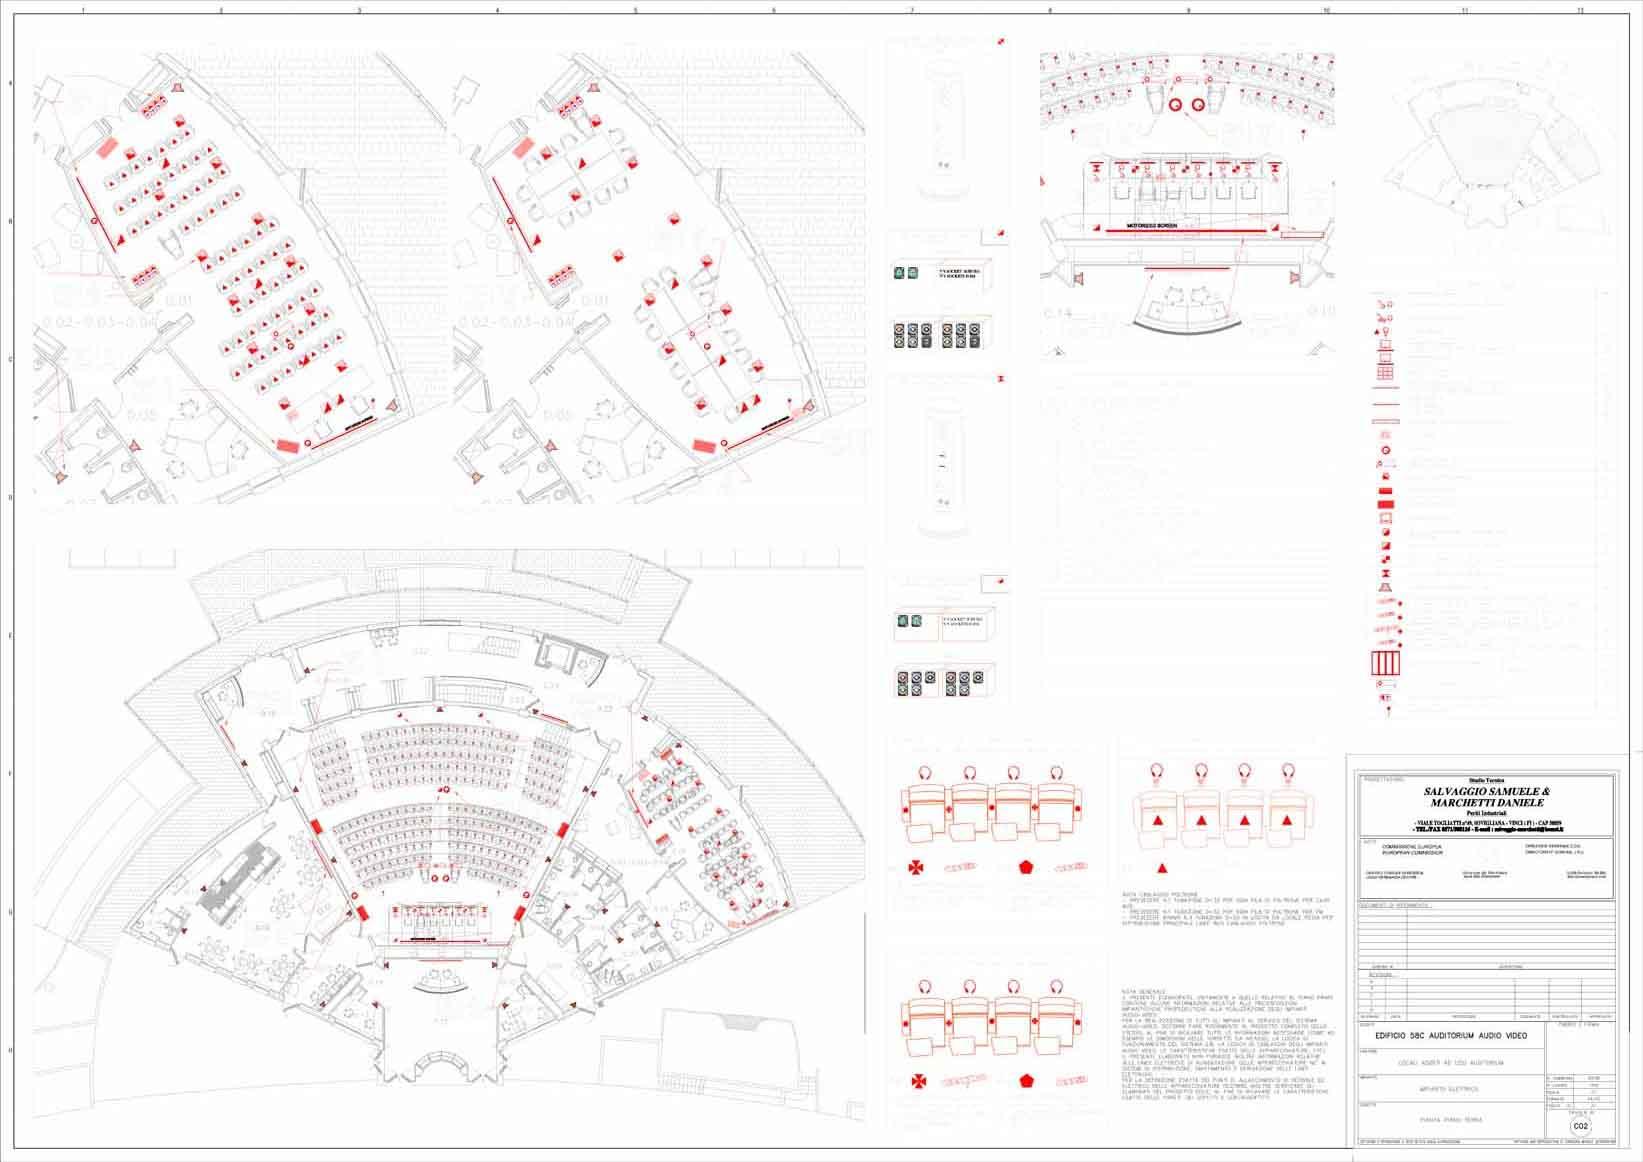 vista planimetrica varese auditorium (2)